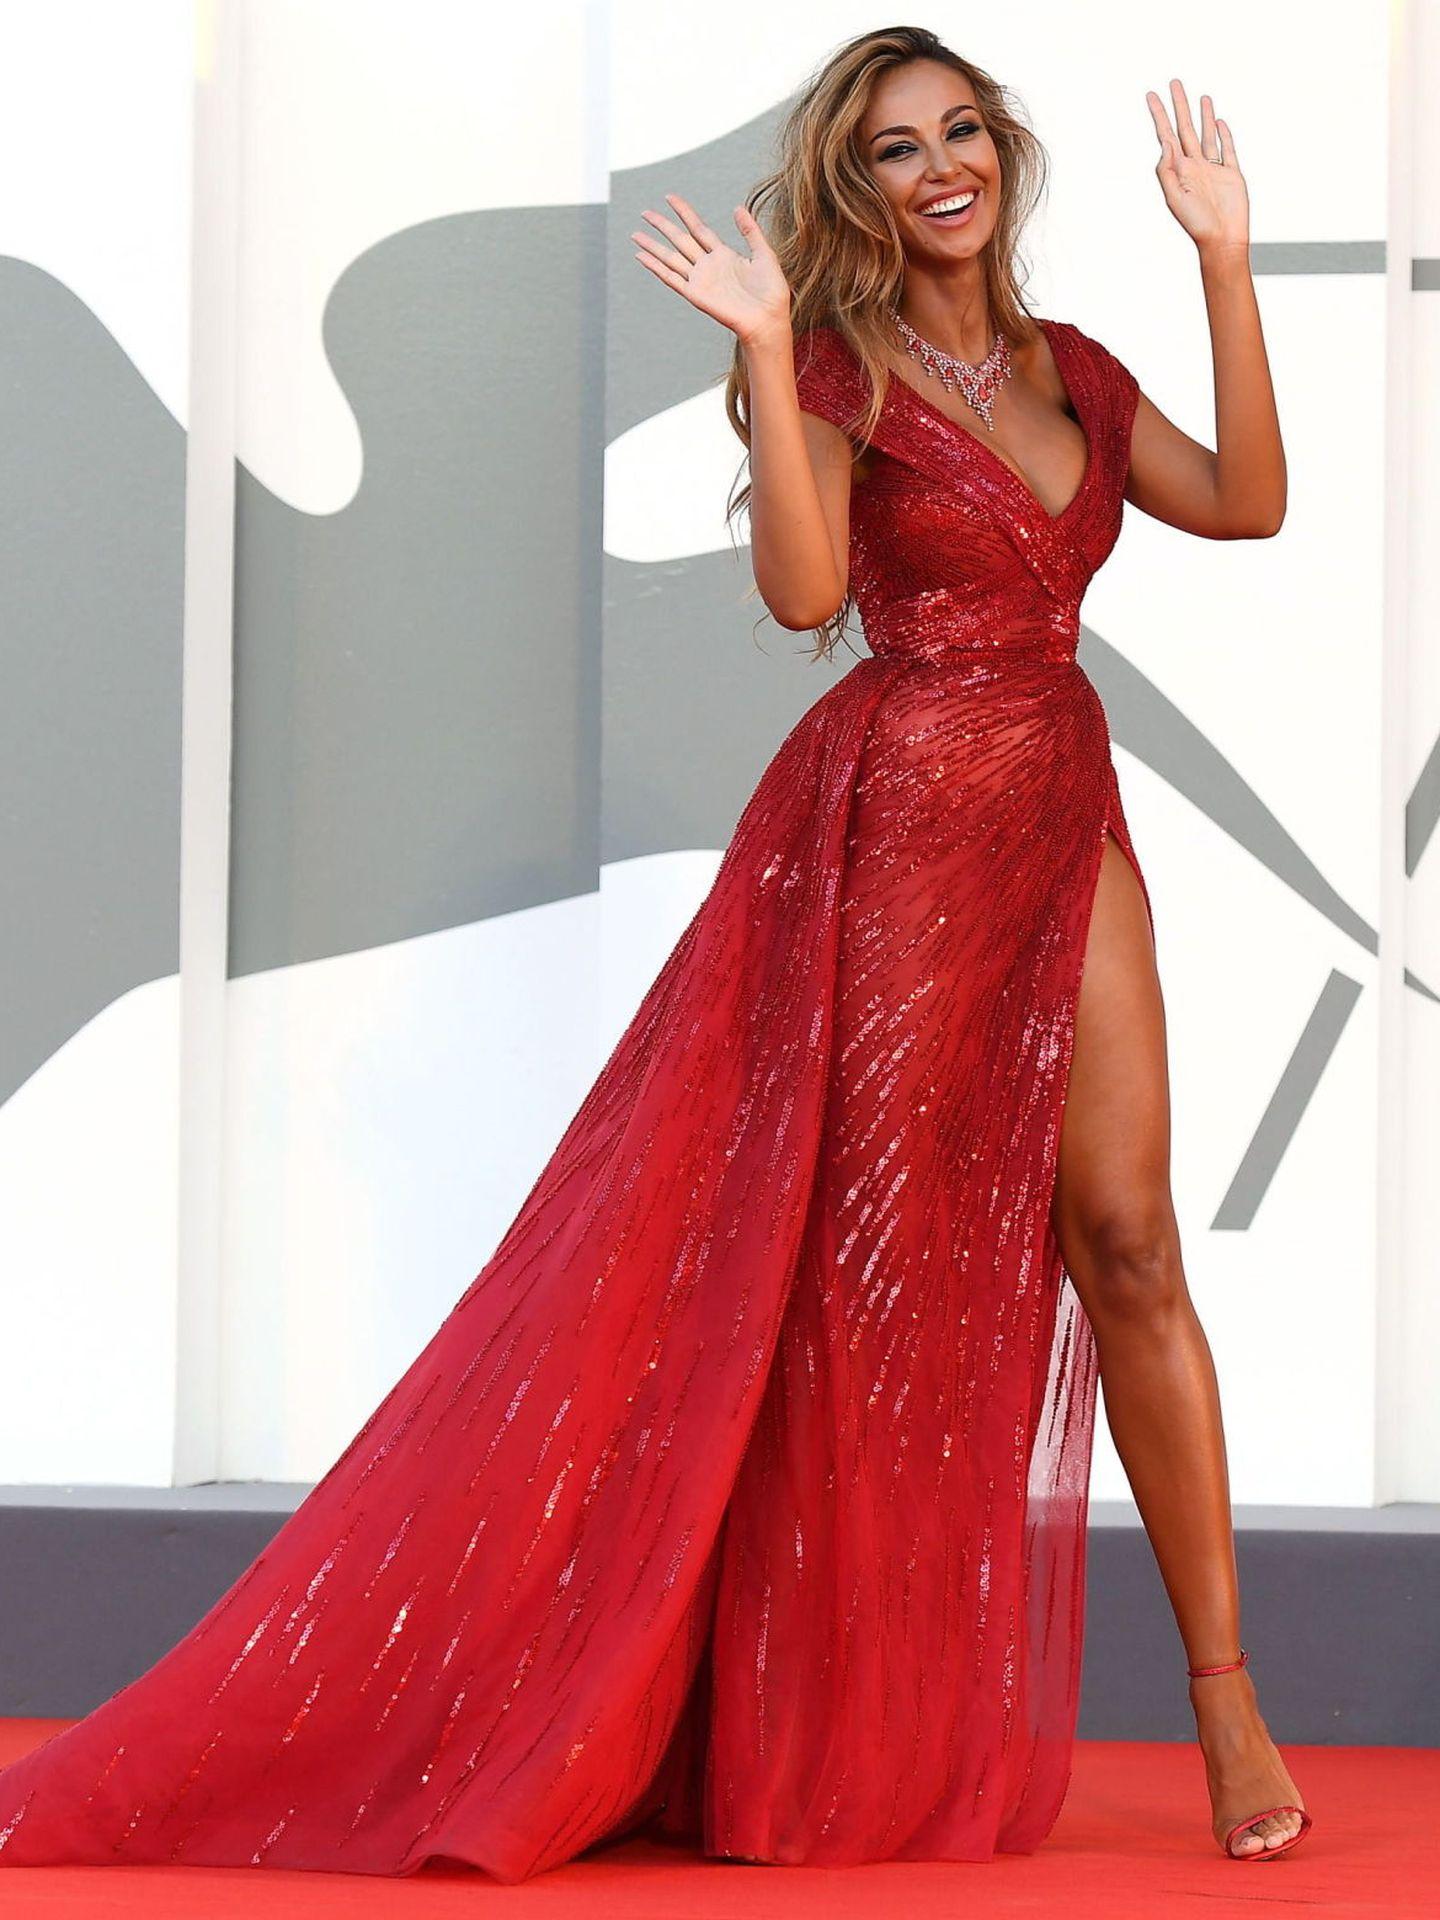 Madalina Ghenea, en el estreno de 'Amants (Lovers)' con vestido rojo transparente y larga apertura lateral en la falda. (EFE)